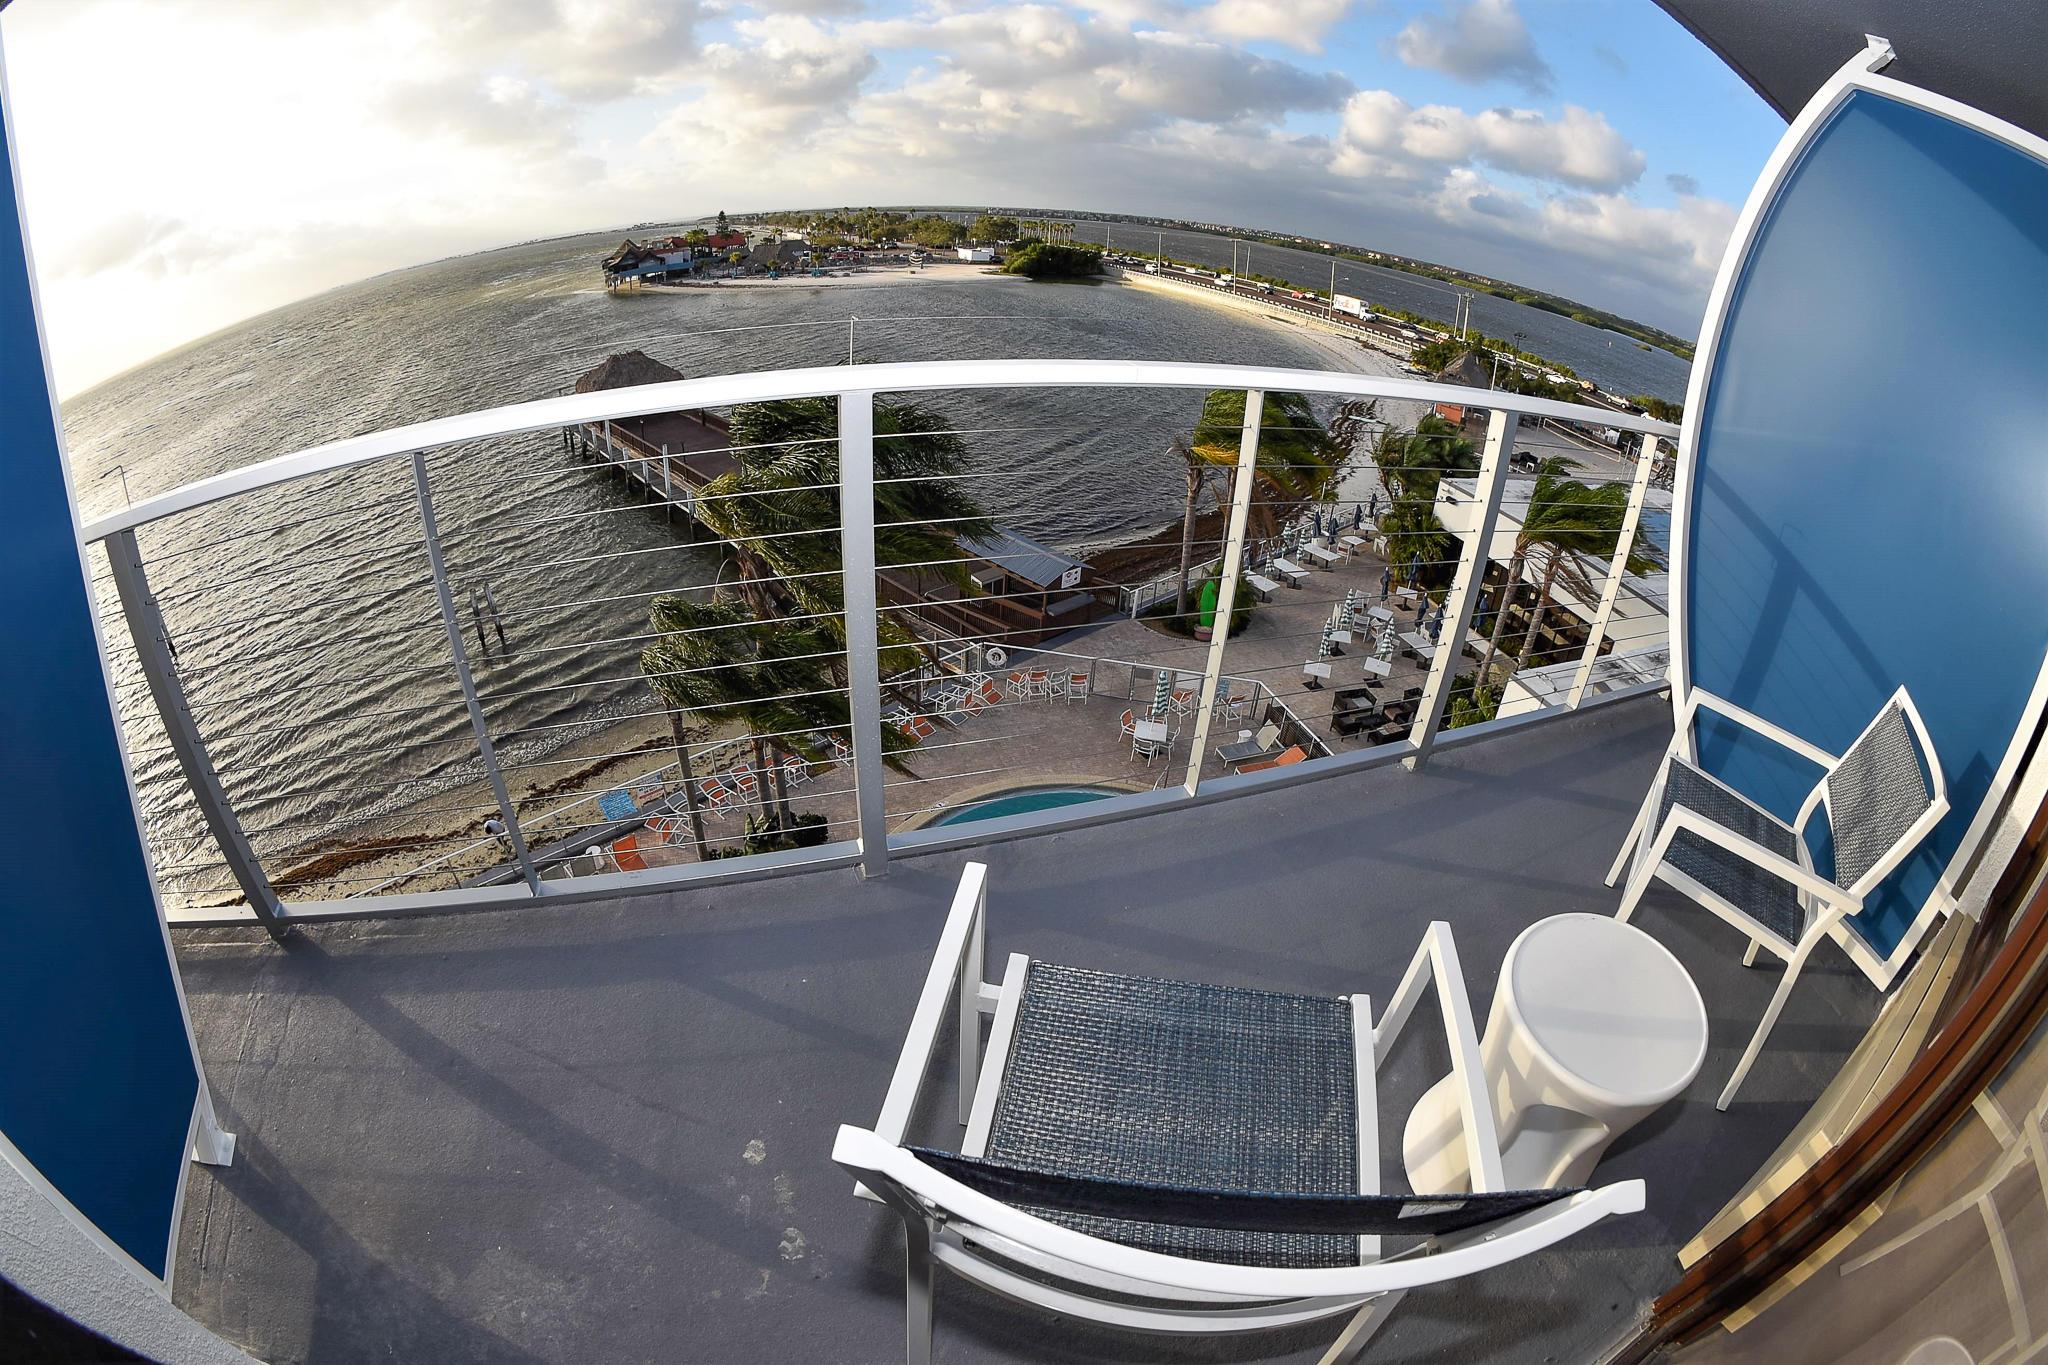 The Godfrey Hotel & Cabanas Tampa image 0